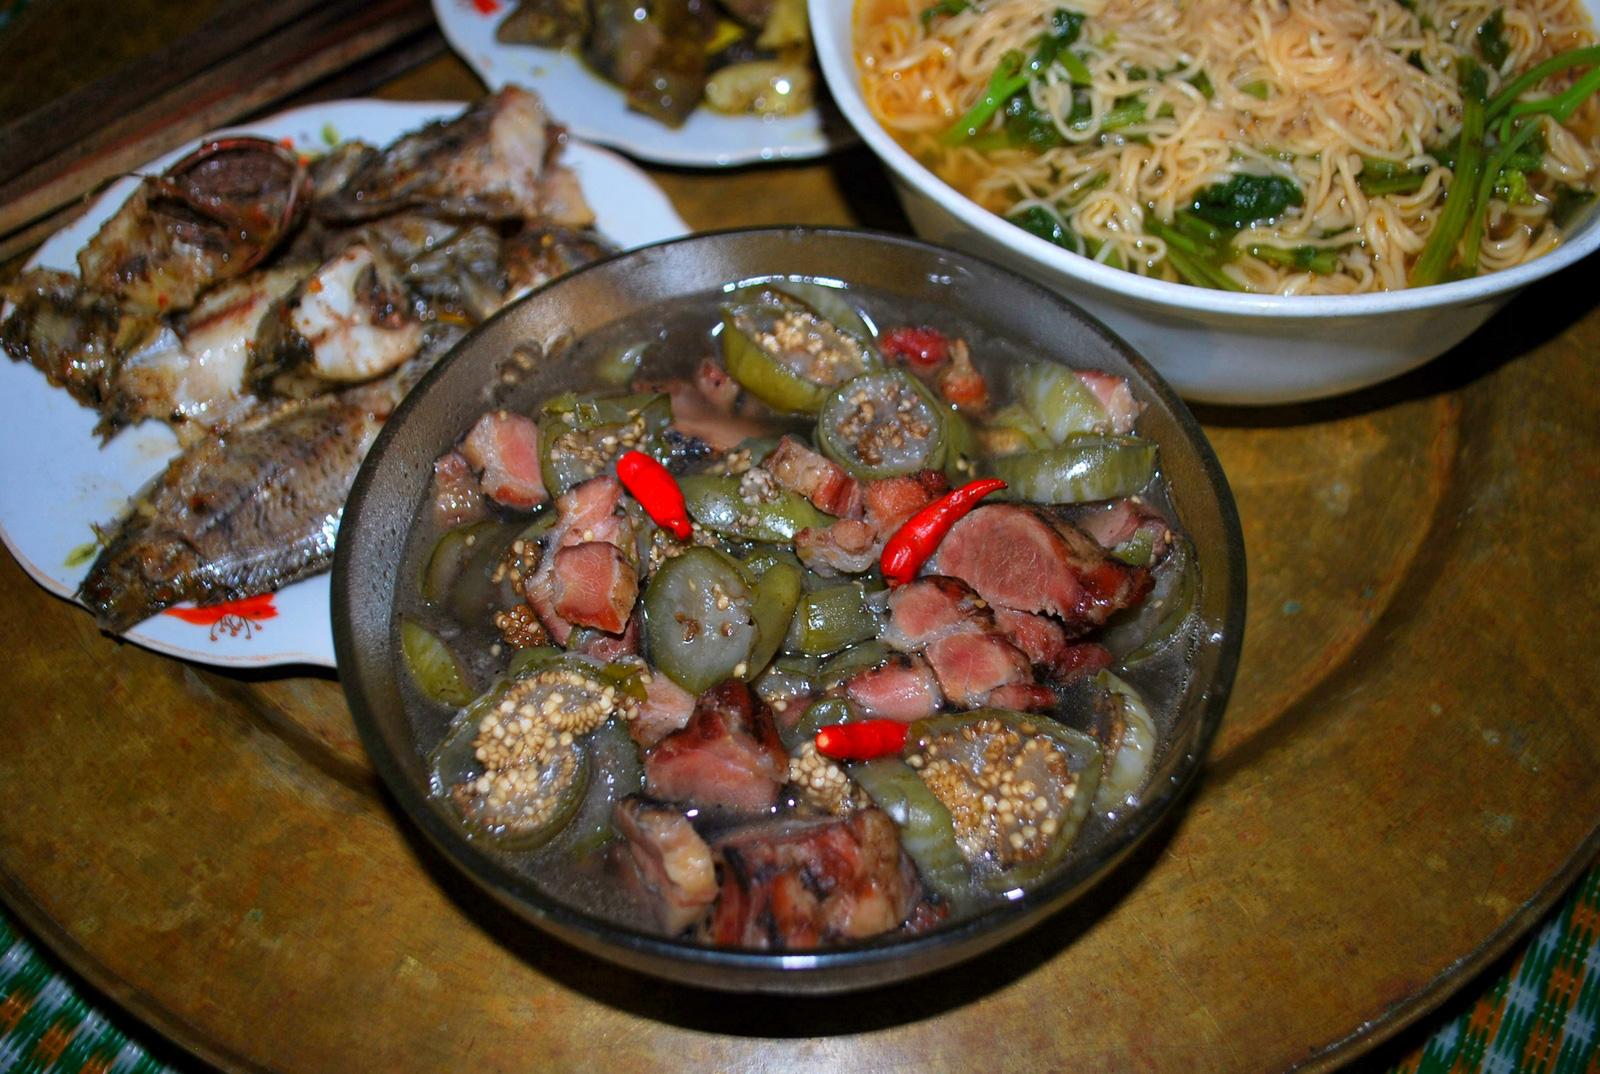 Kể chuyện làng: Lên Trường Sơn ăn món cà đắng của người Cơ Tu - Ảnh 5.